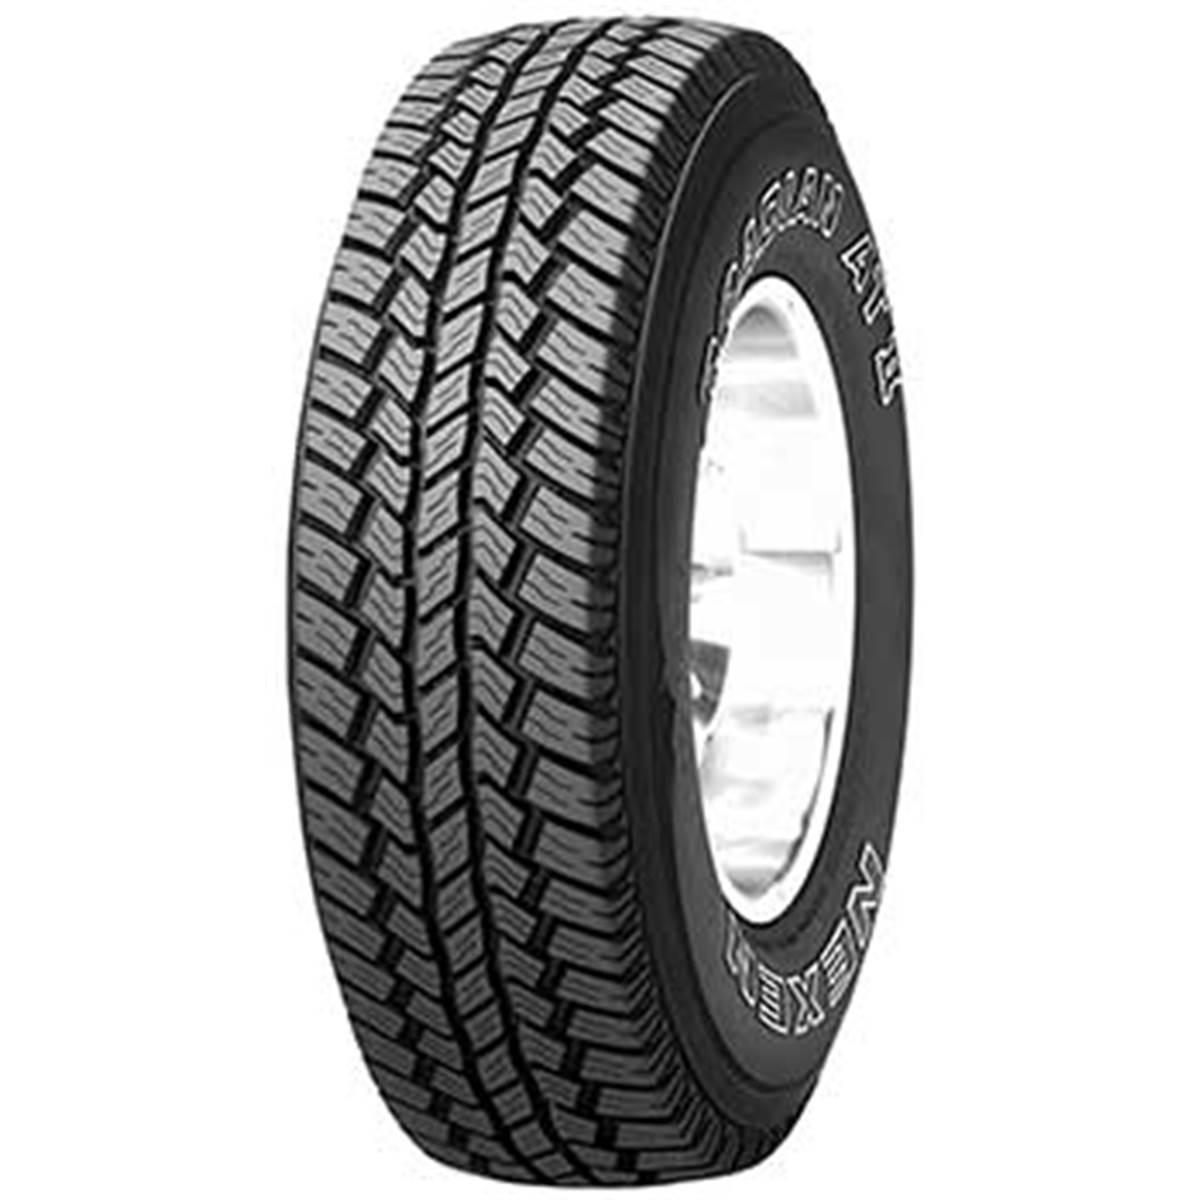 pneus 123q achat vente de pneus pas cher. Black Bedroom Furniture Sets. Home Design Ideas